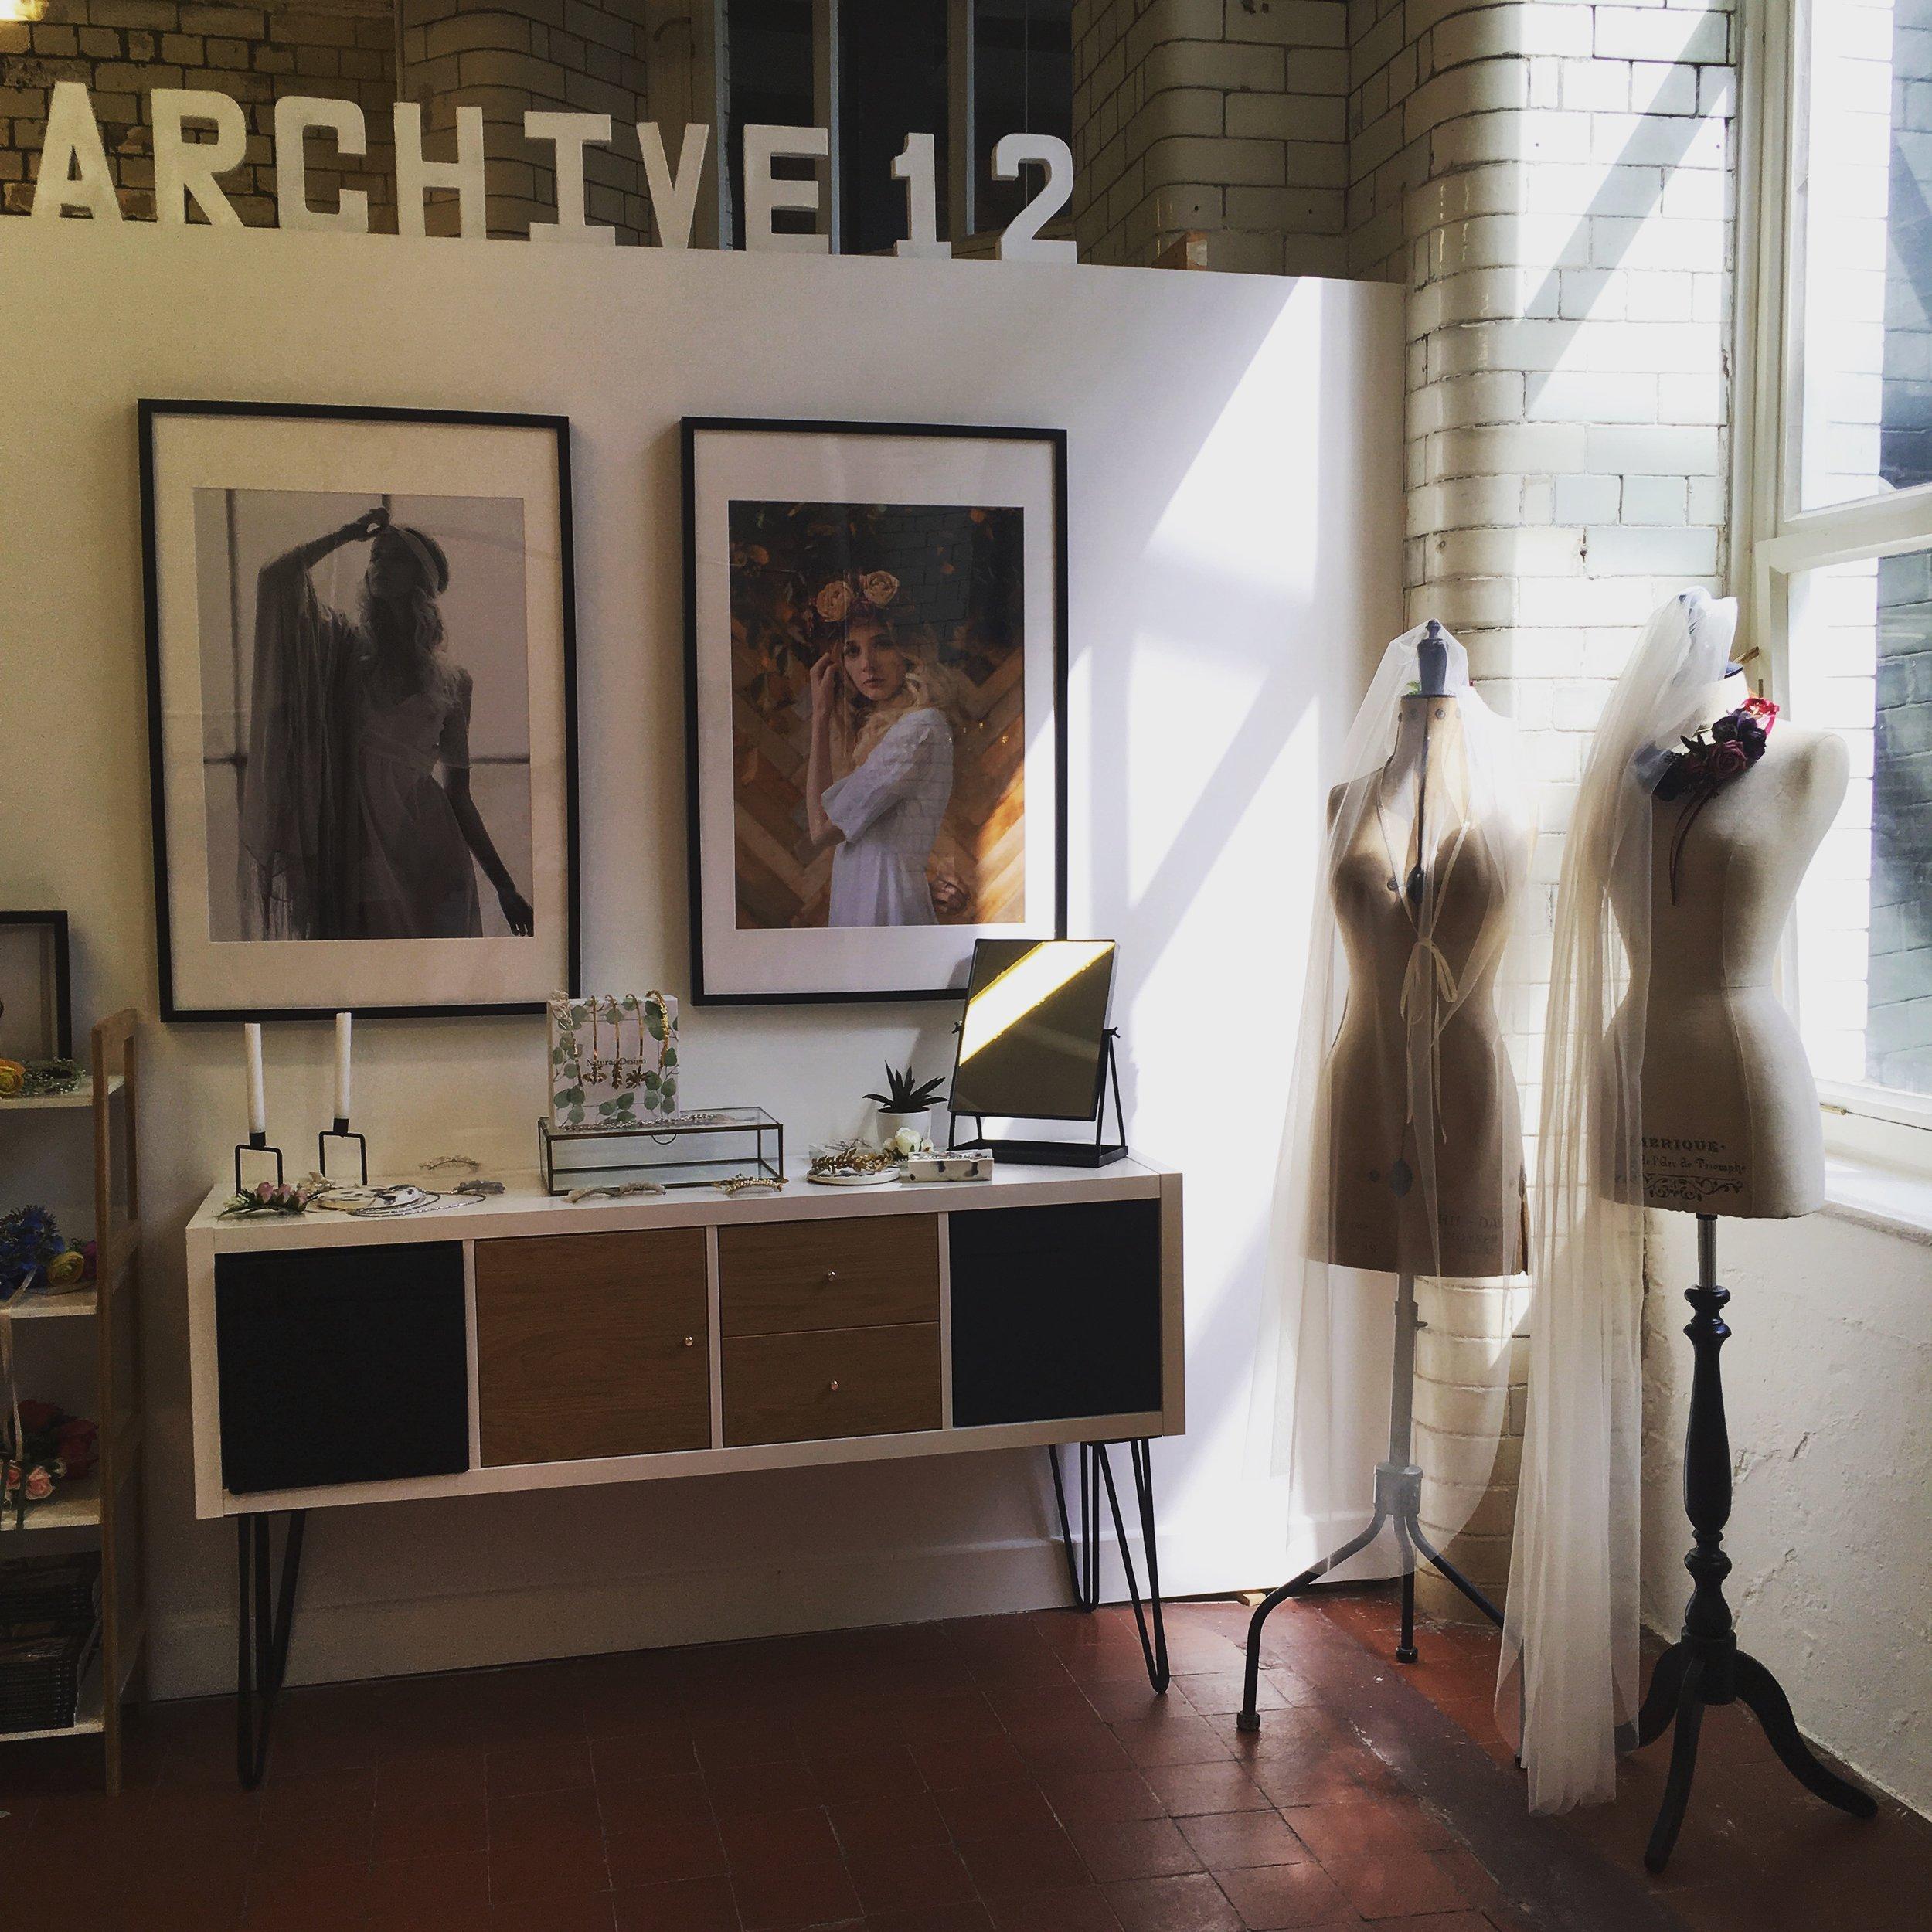 archive 12 belfast bridal shop